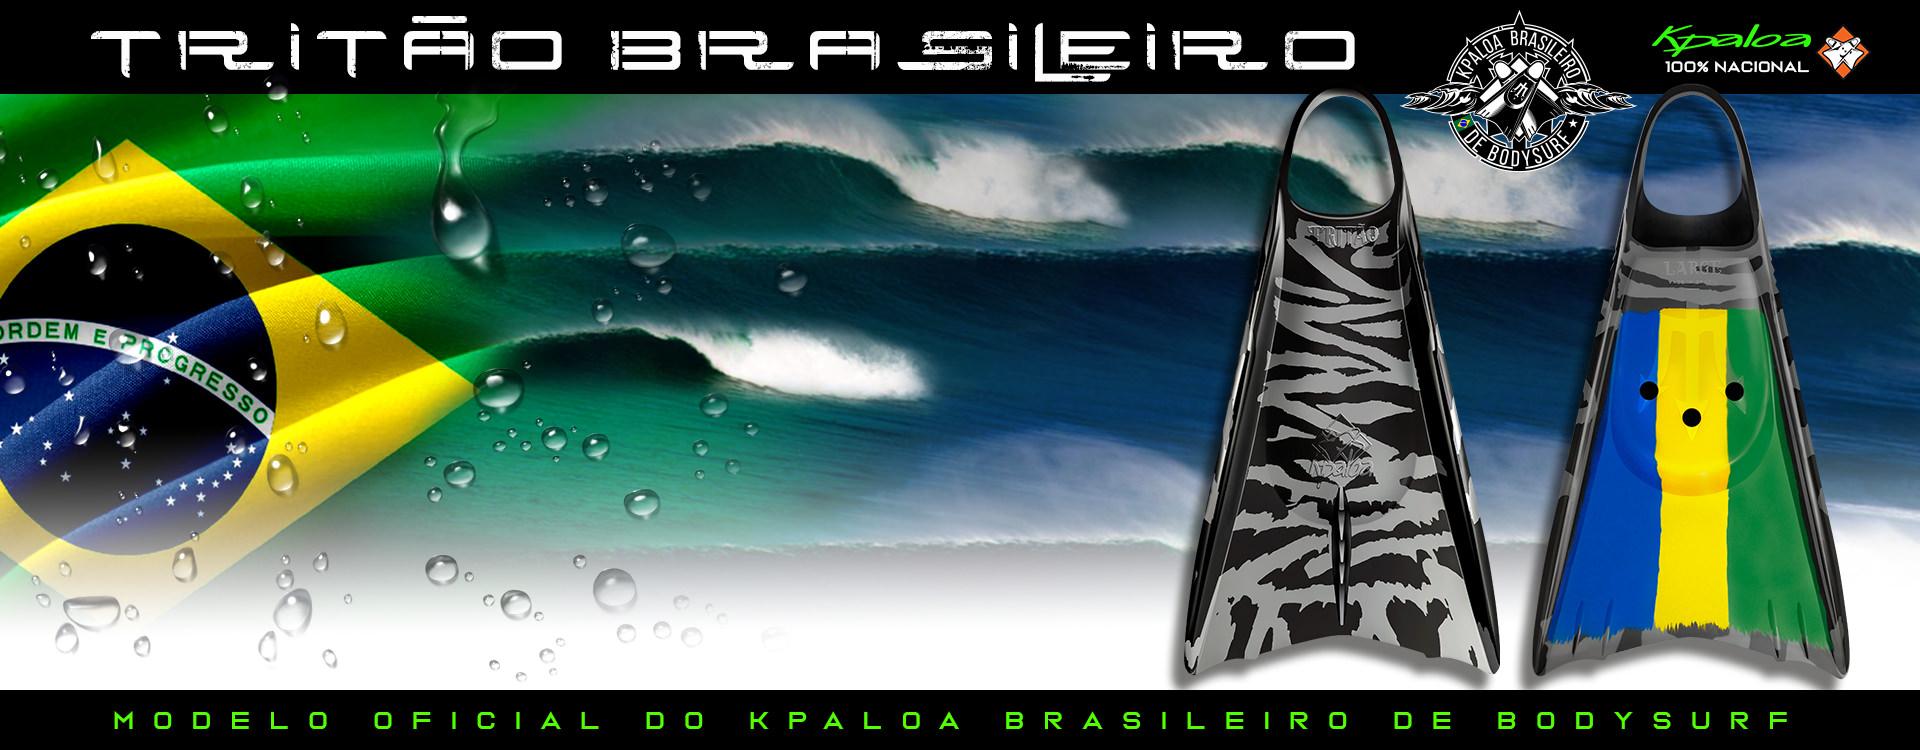 Pé de Pato Kpaloa Tritão Brasileiro